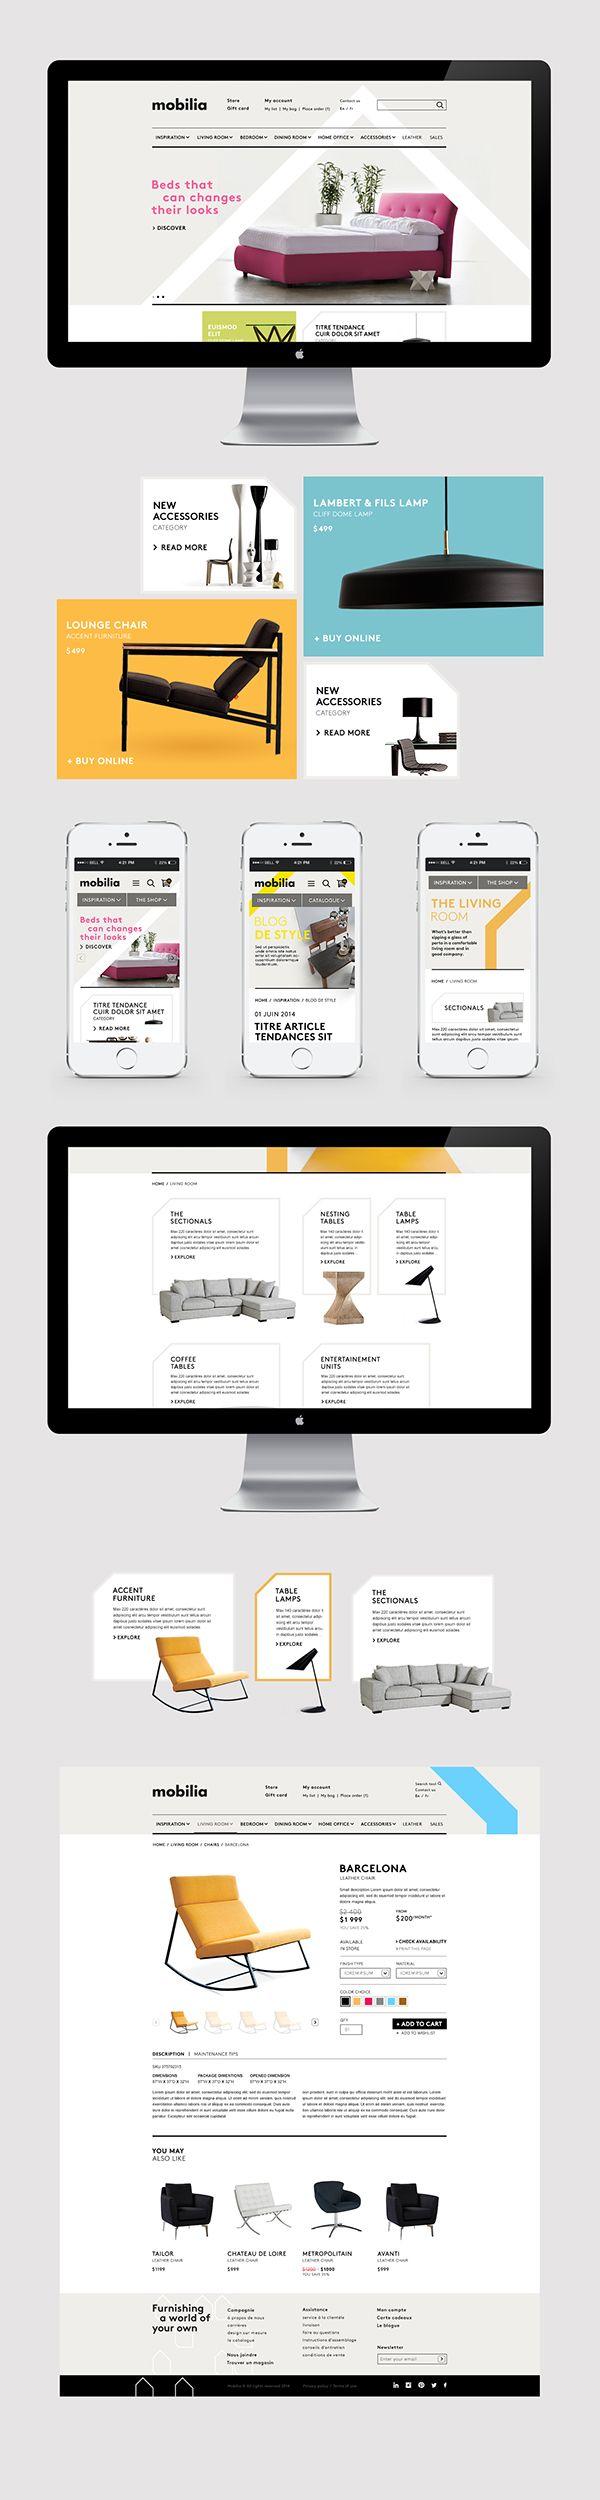 Mobilia - webdesign on Web Design Served